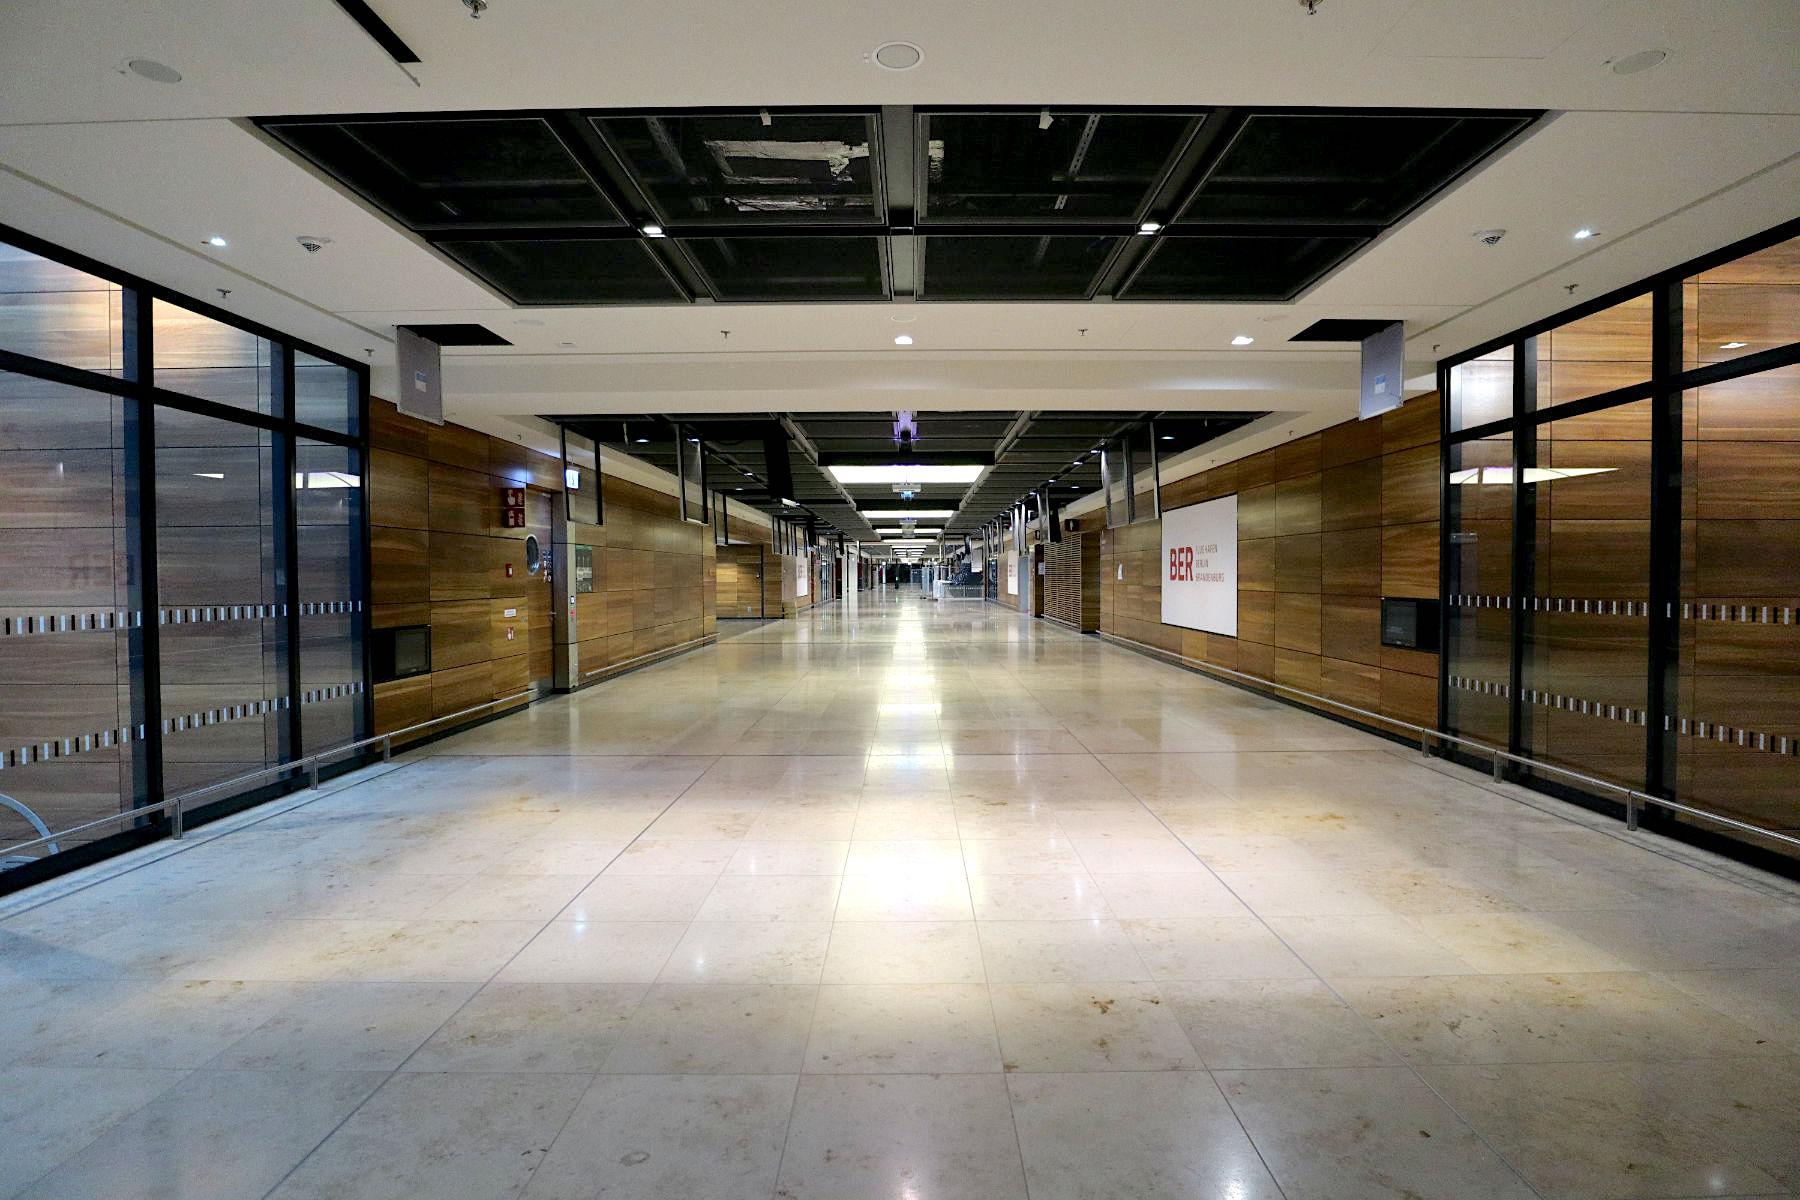 Flughafen Berlin Brandenburg BER. Das Terminal soll mit seinen gegliederten Fassaden und geometrischen Formen architektonische Elemente von Schinkel bis zum Bauhaus aufgreifen.